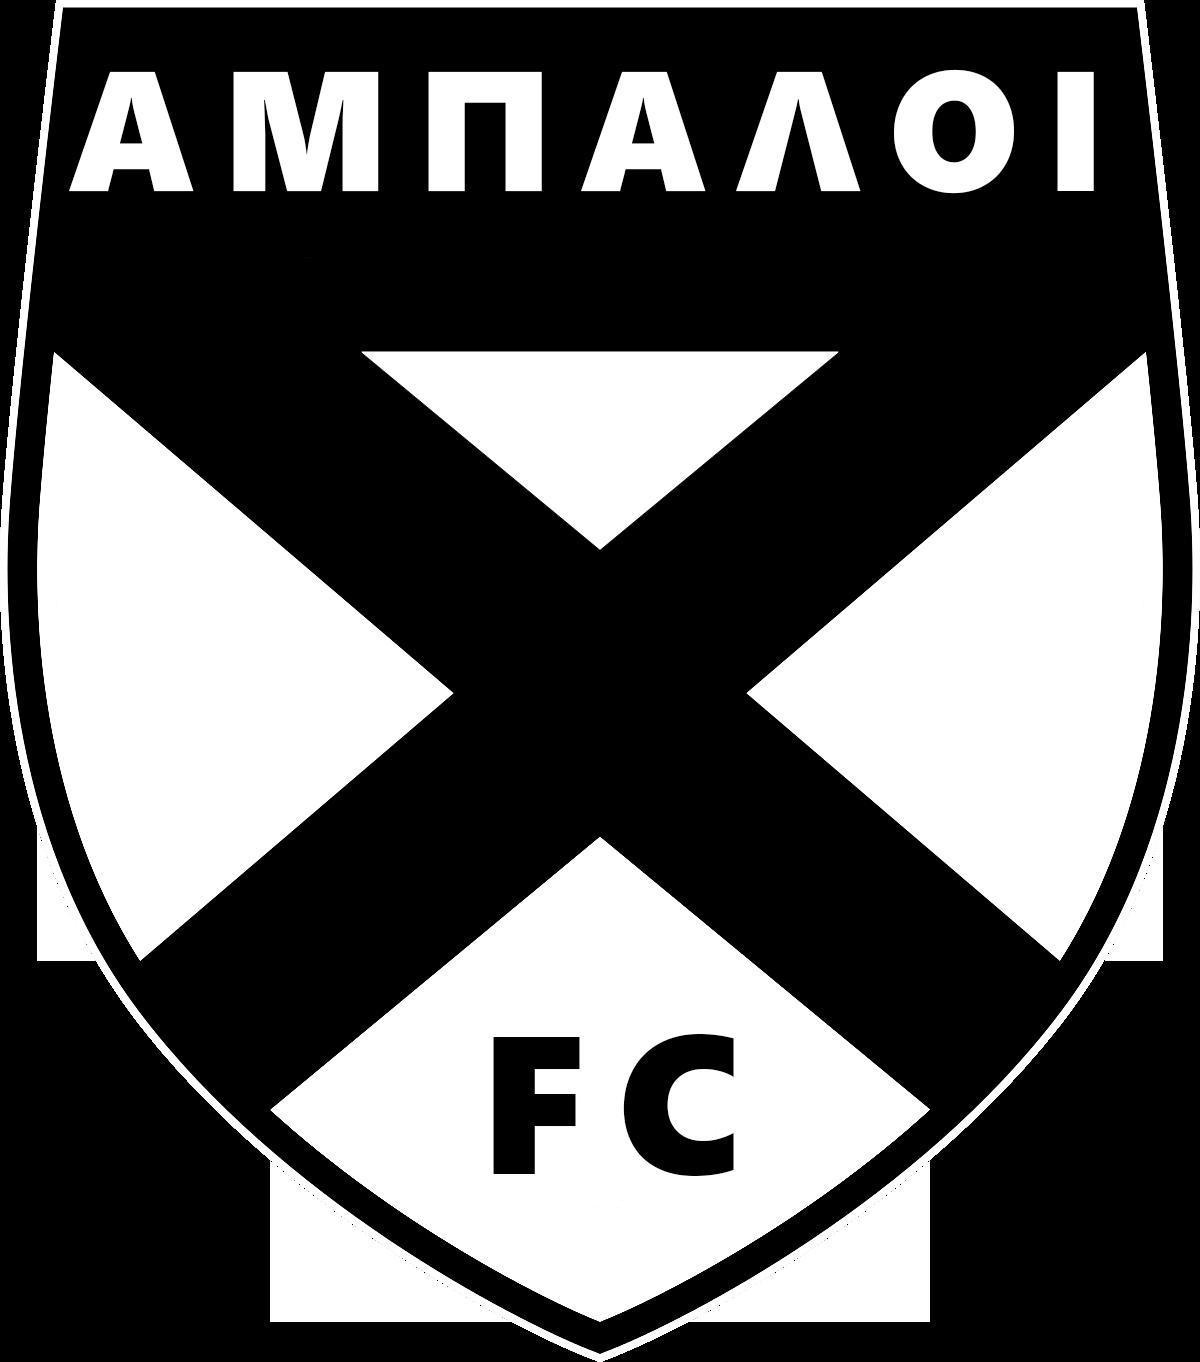 ΑΜΠΑΛΟΙ F.C.